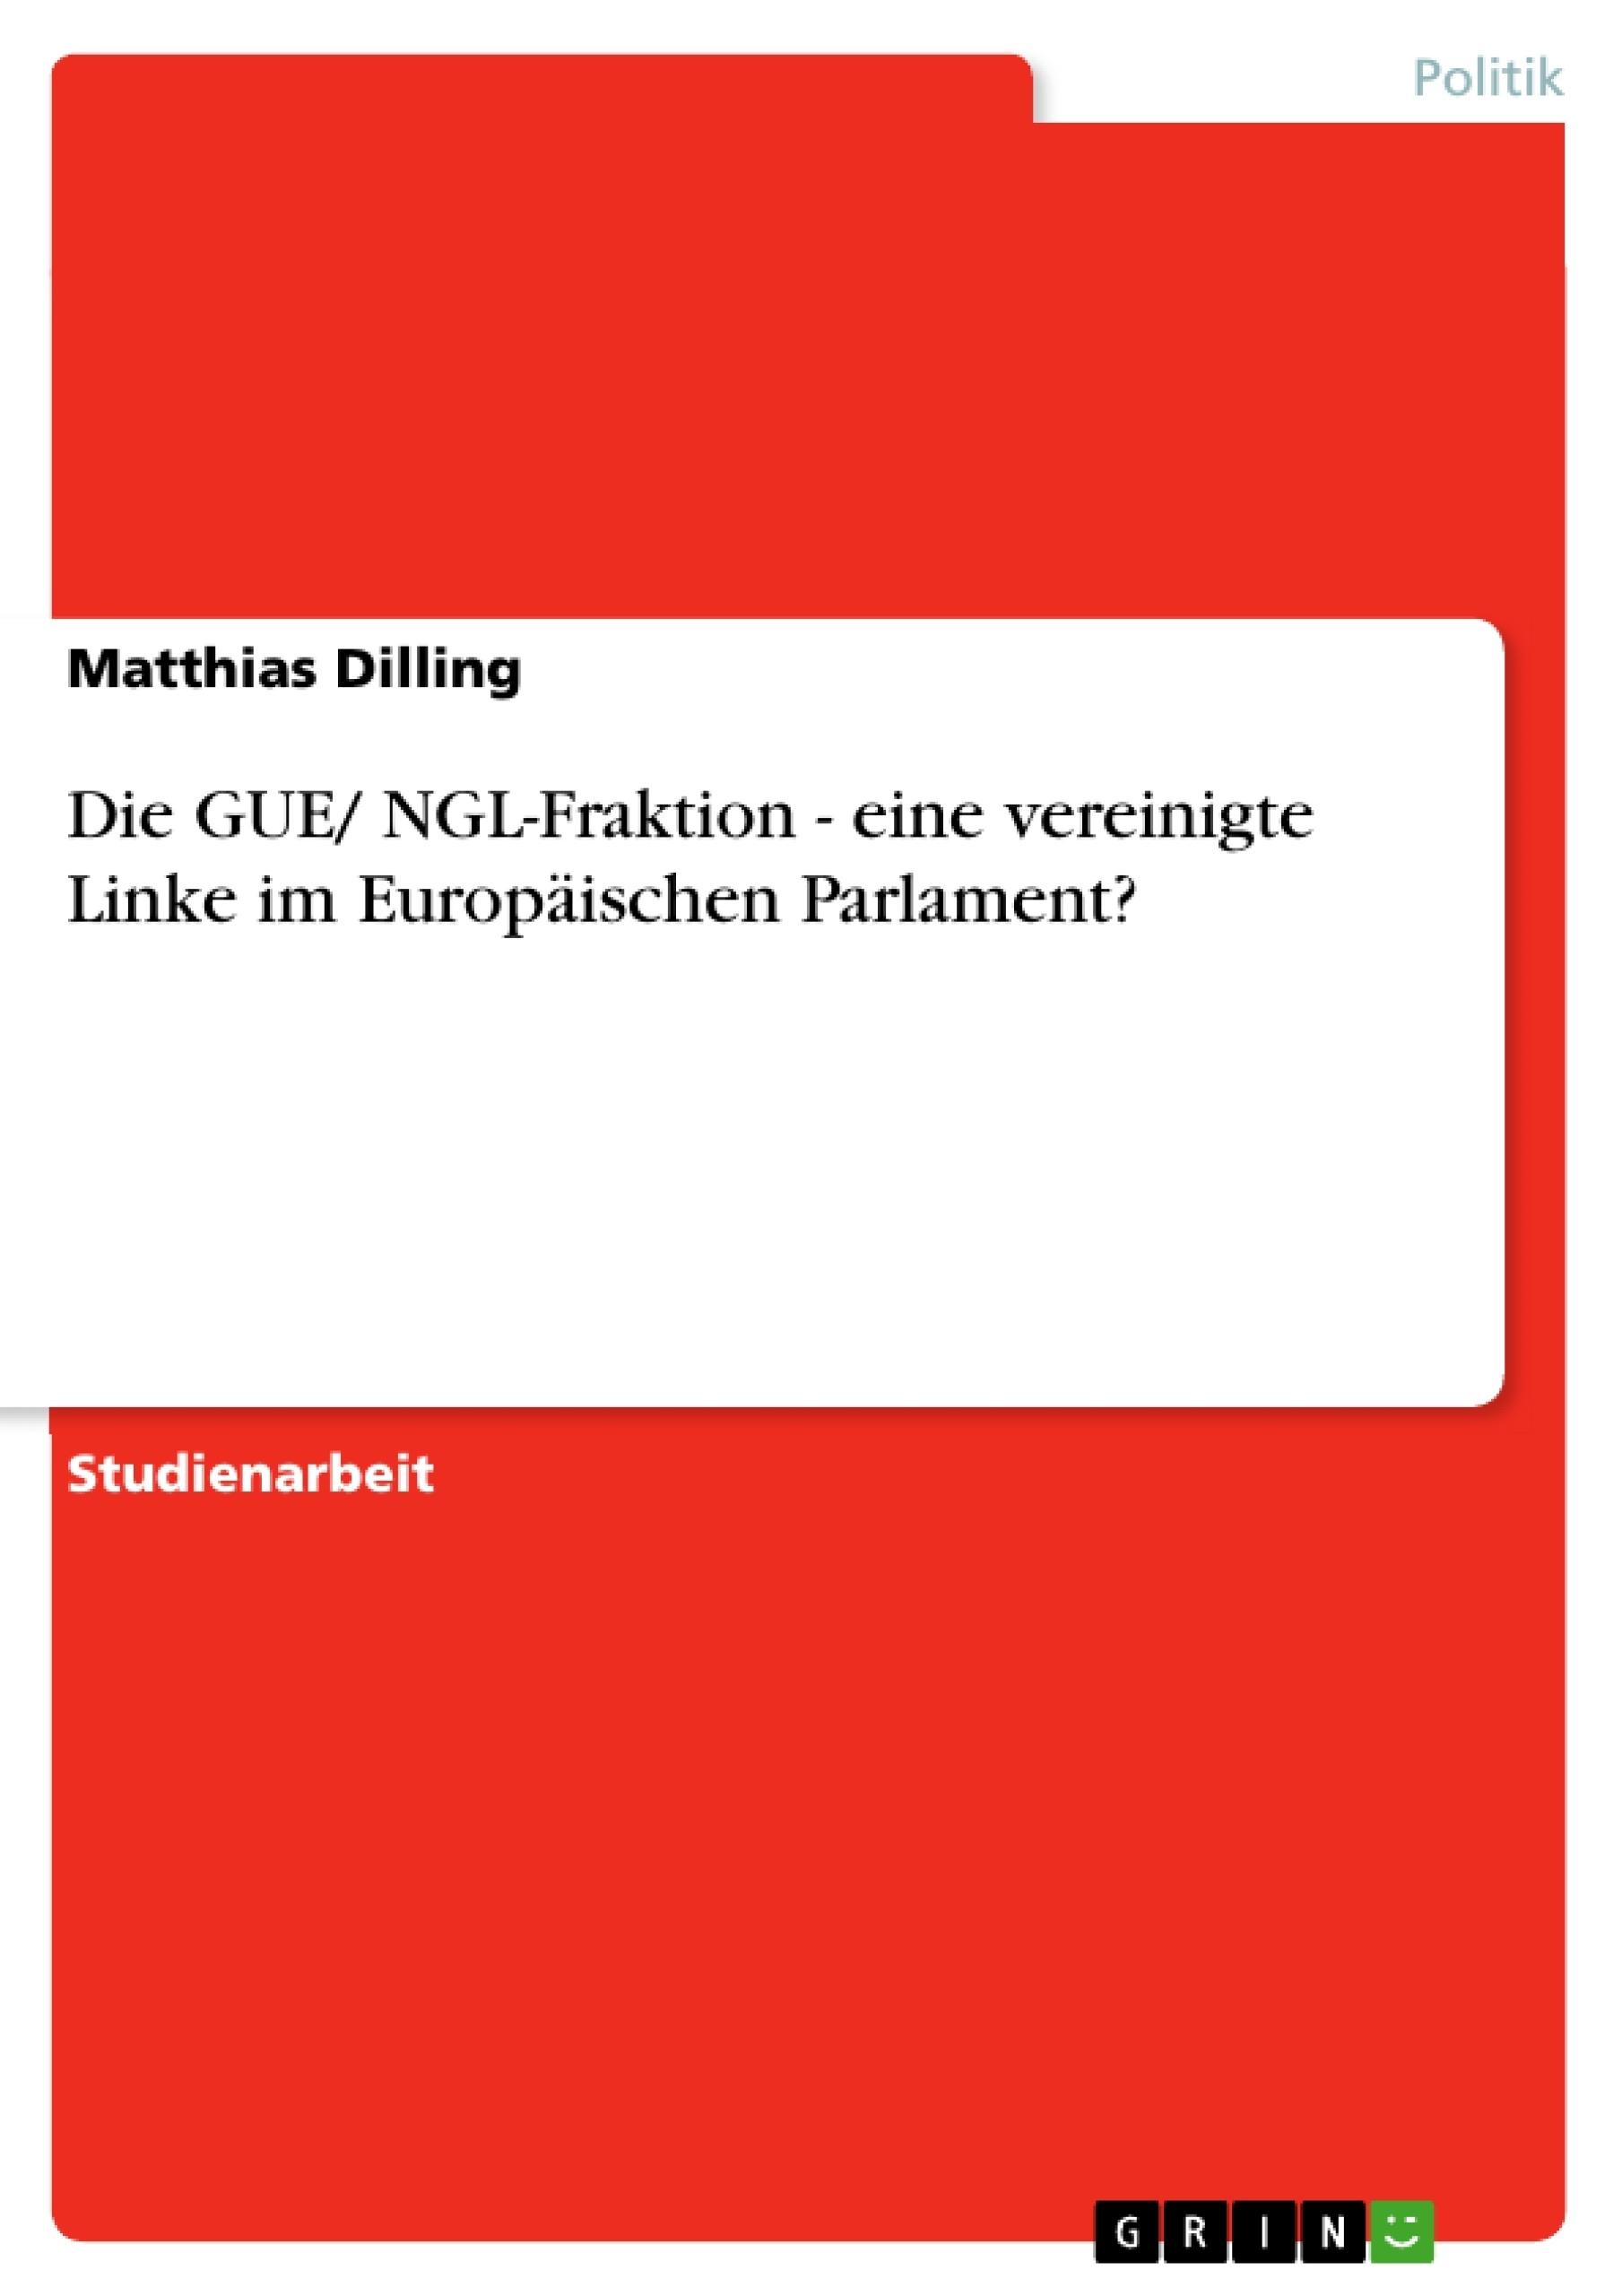 Titel: Die GUE/ NGL-Fraktion - eine vereinigte Linke im Europäischen Parlament?